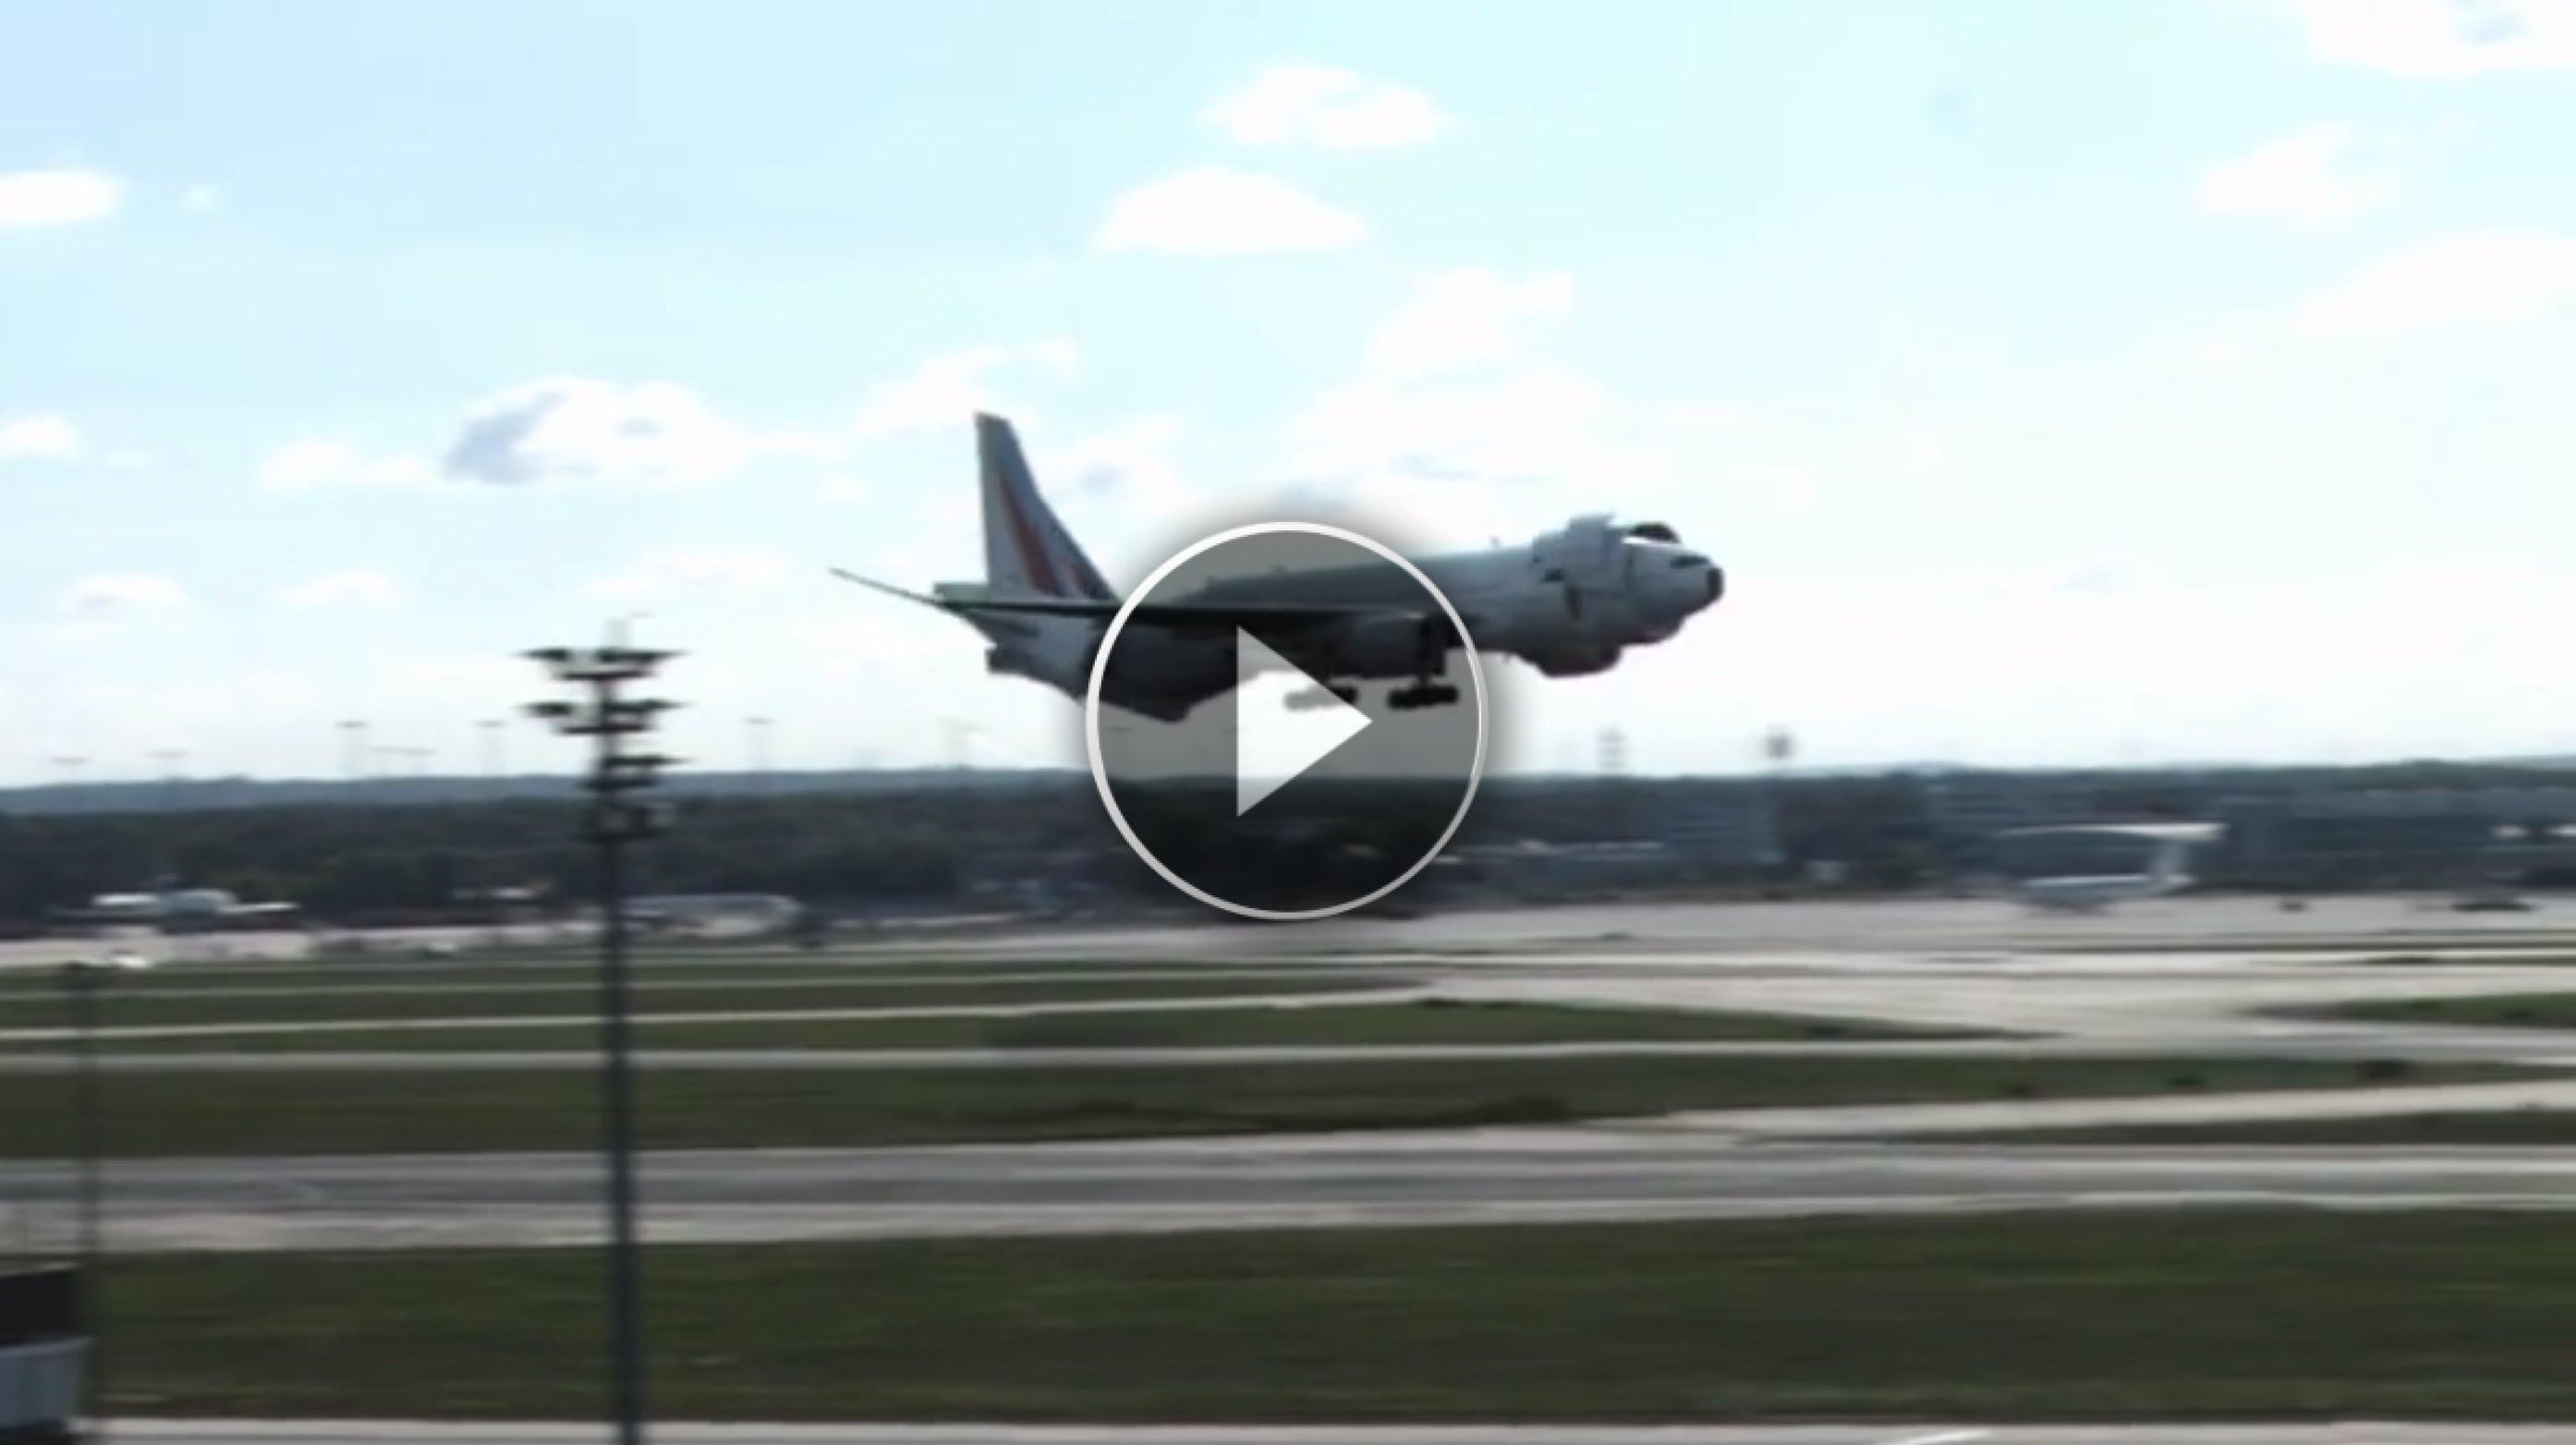 Un aereo sta per atterrare ... ehi un momento cosa sta succedendo!!!